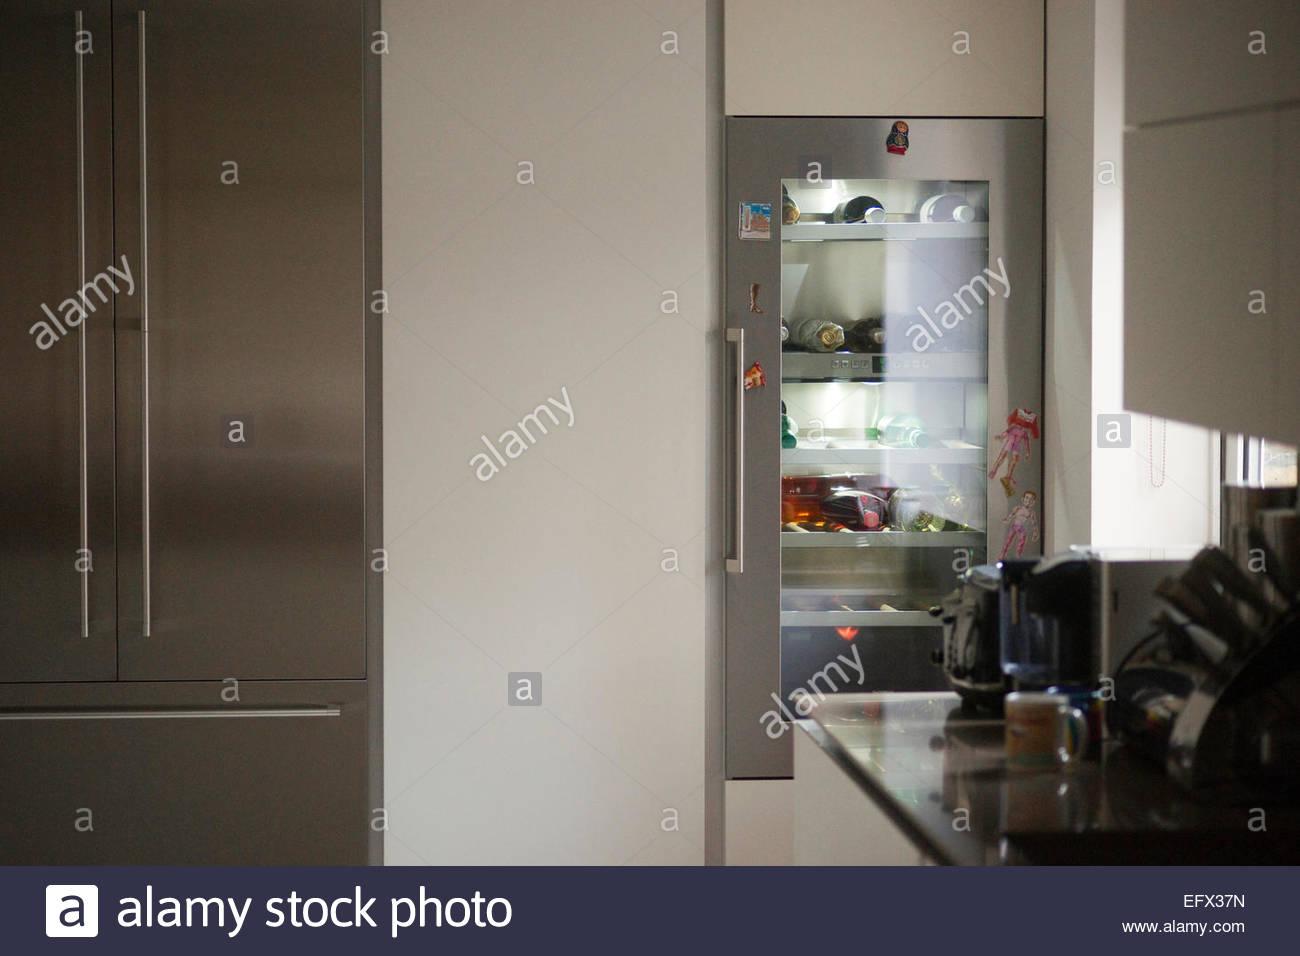 Wine Cooler Kitchen Stockfotos & Wine Cooler Kitchen Bilder - Alamy